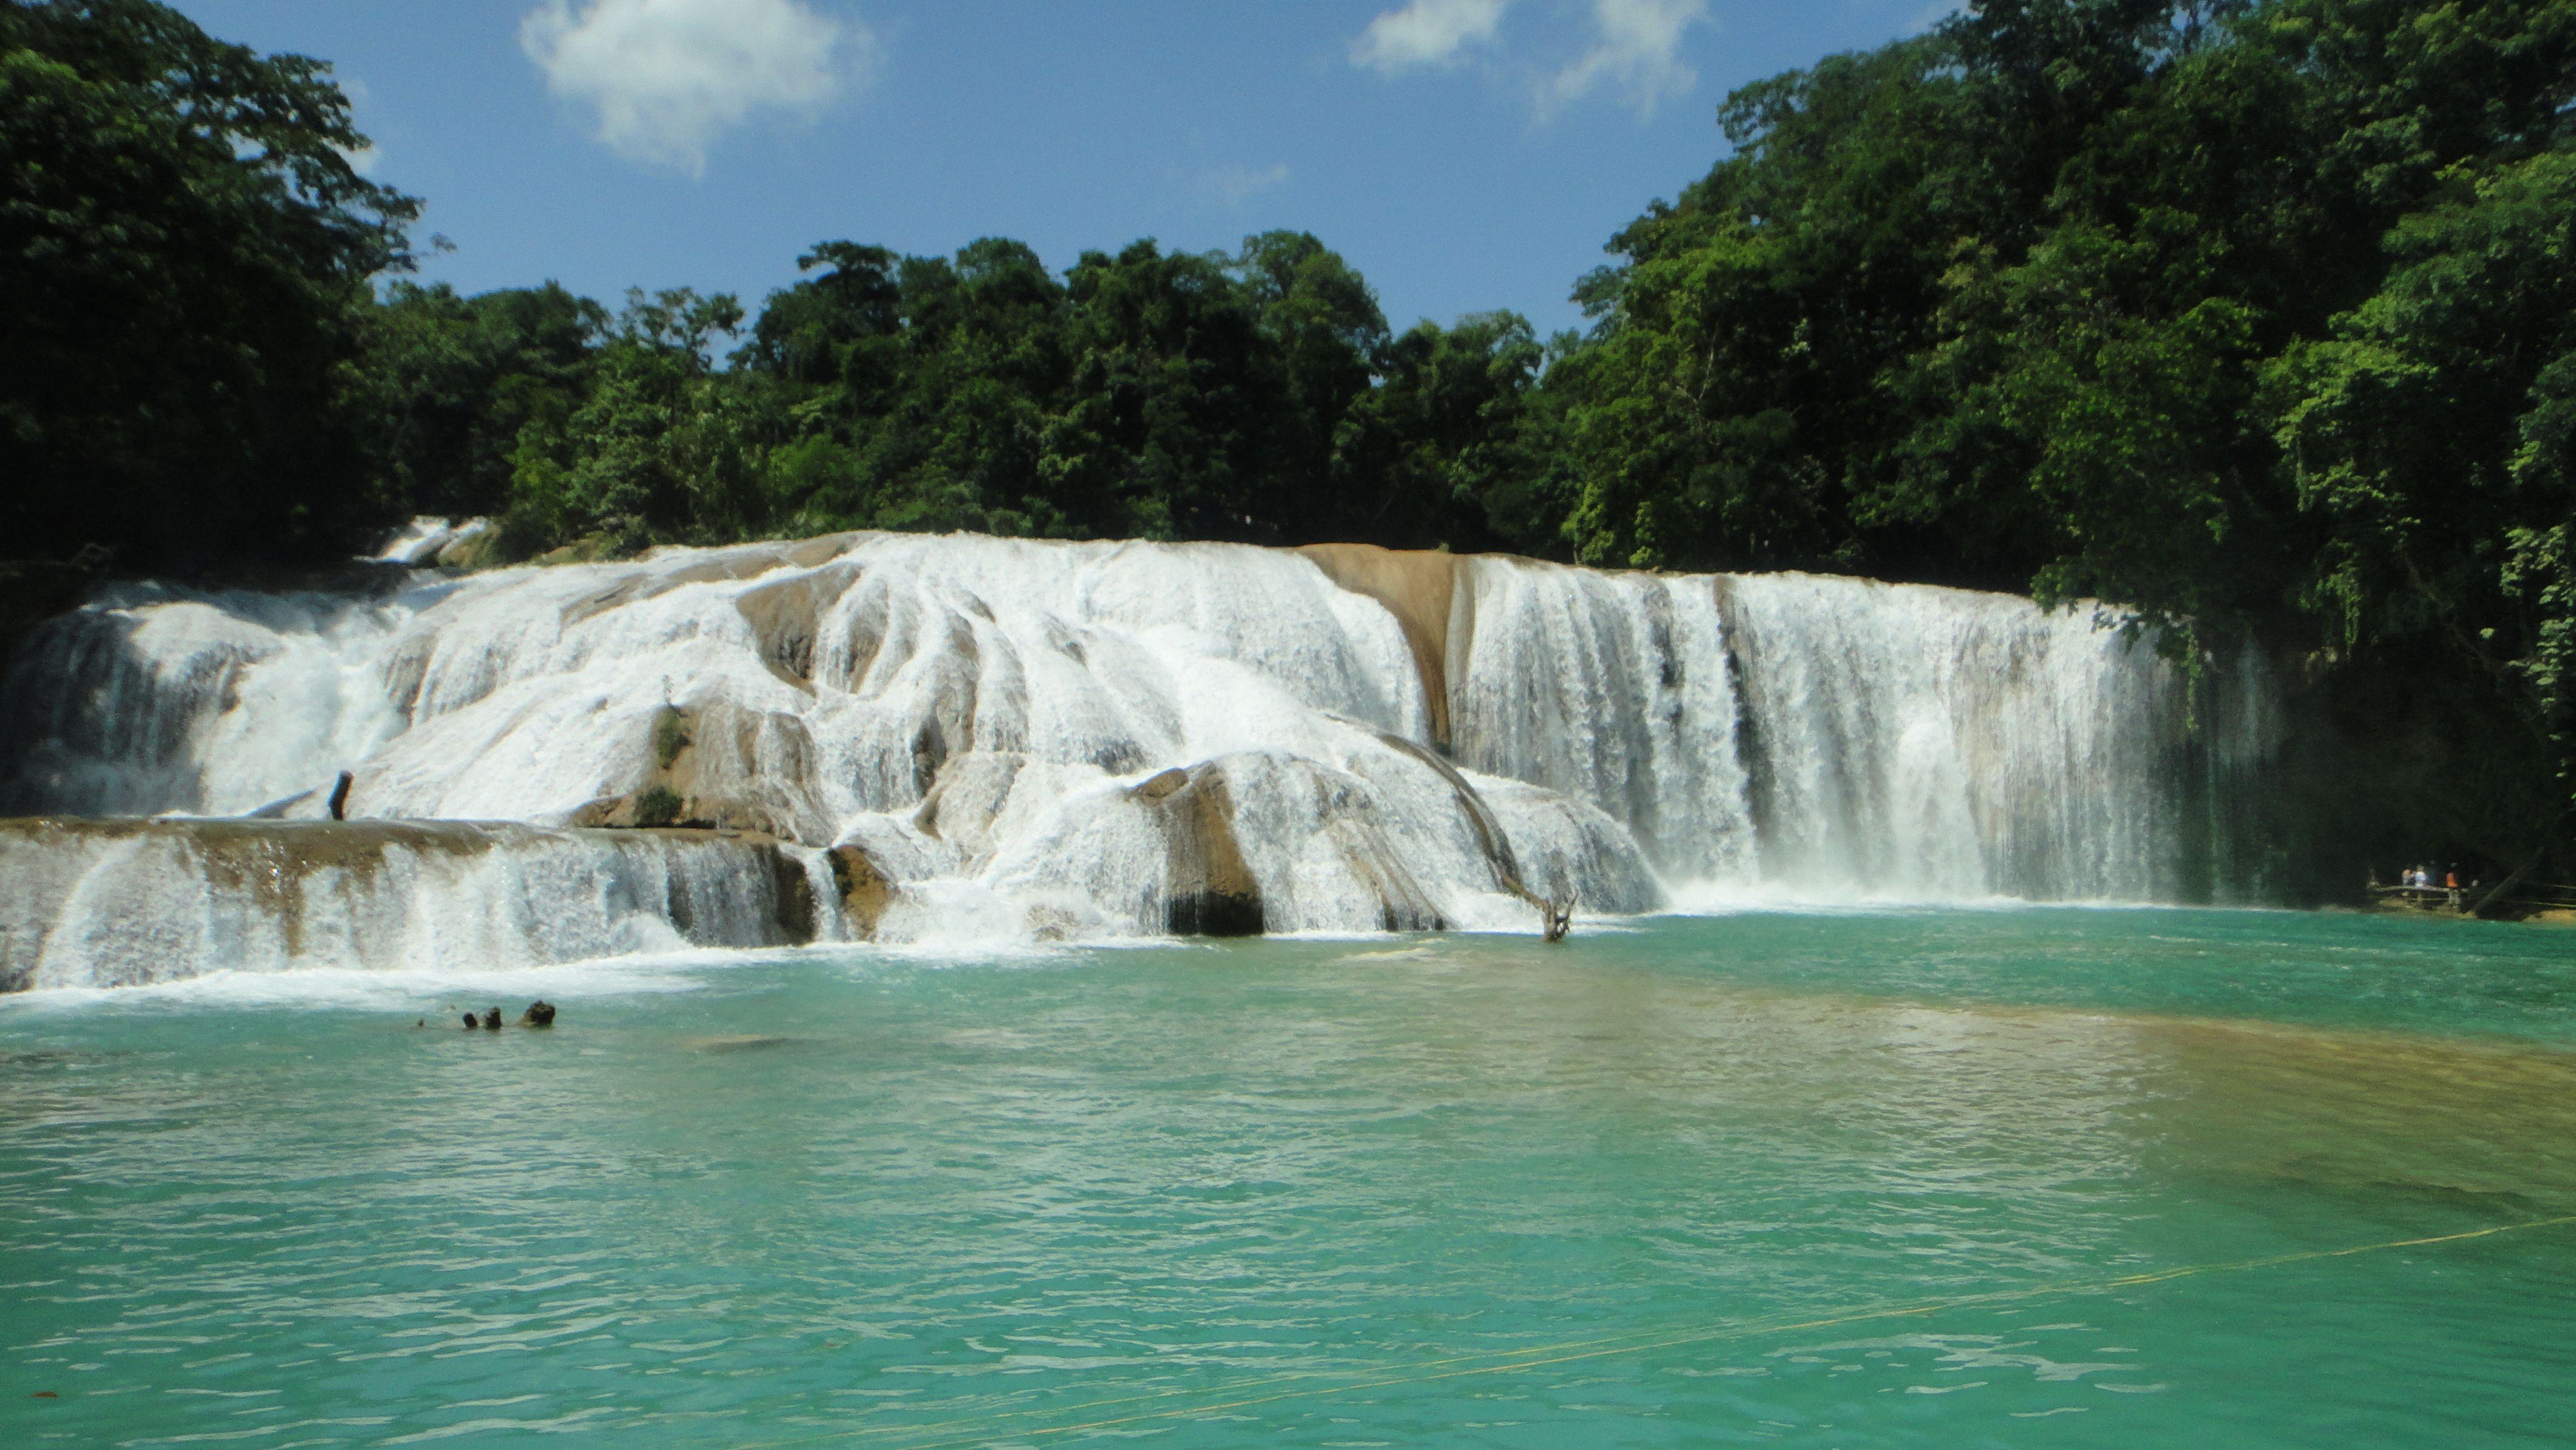 Cascadas de agua azul chiapas m xico cascadas de agua for Motor para cascada de agua